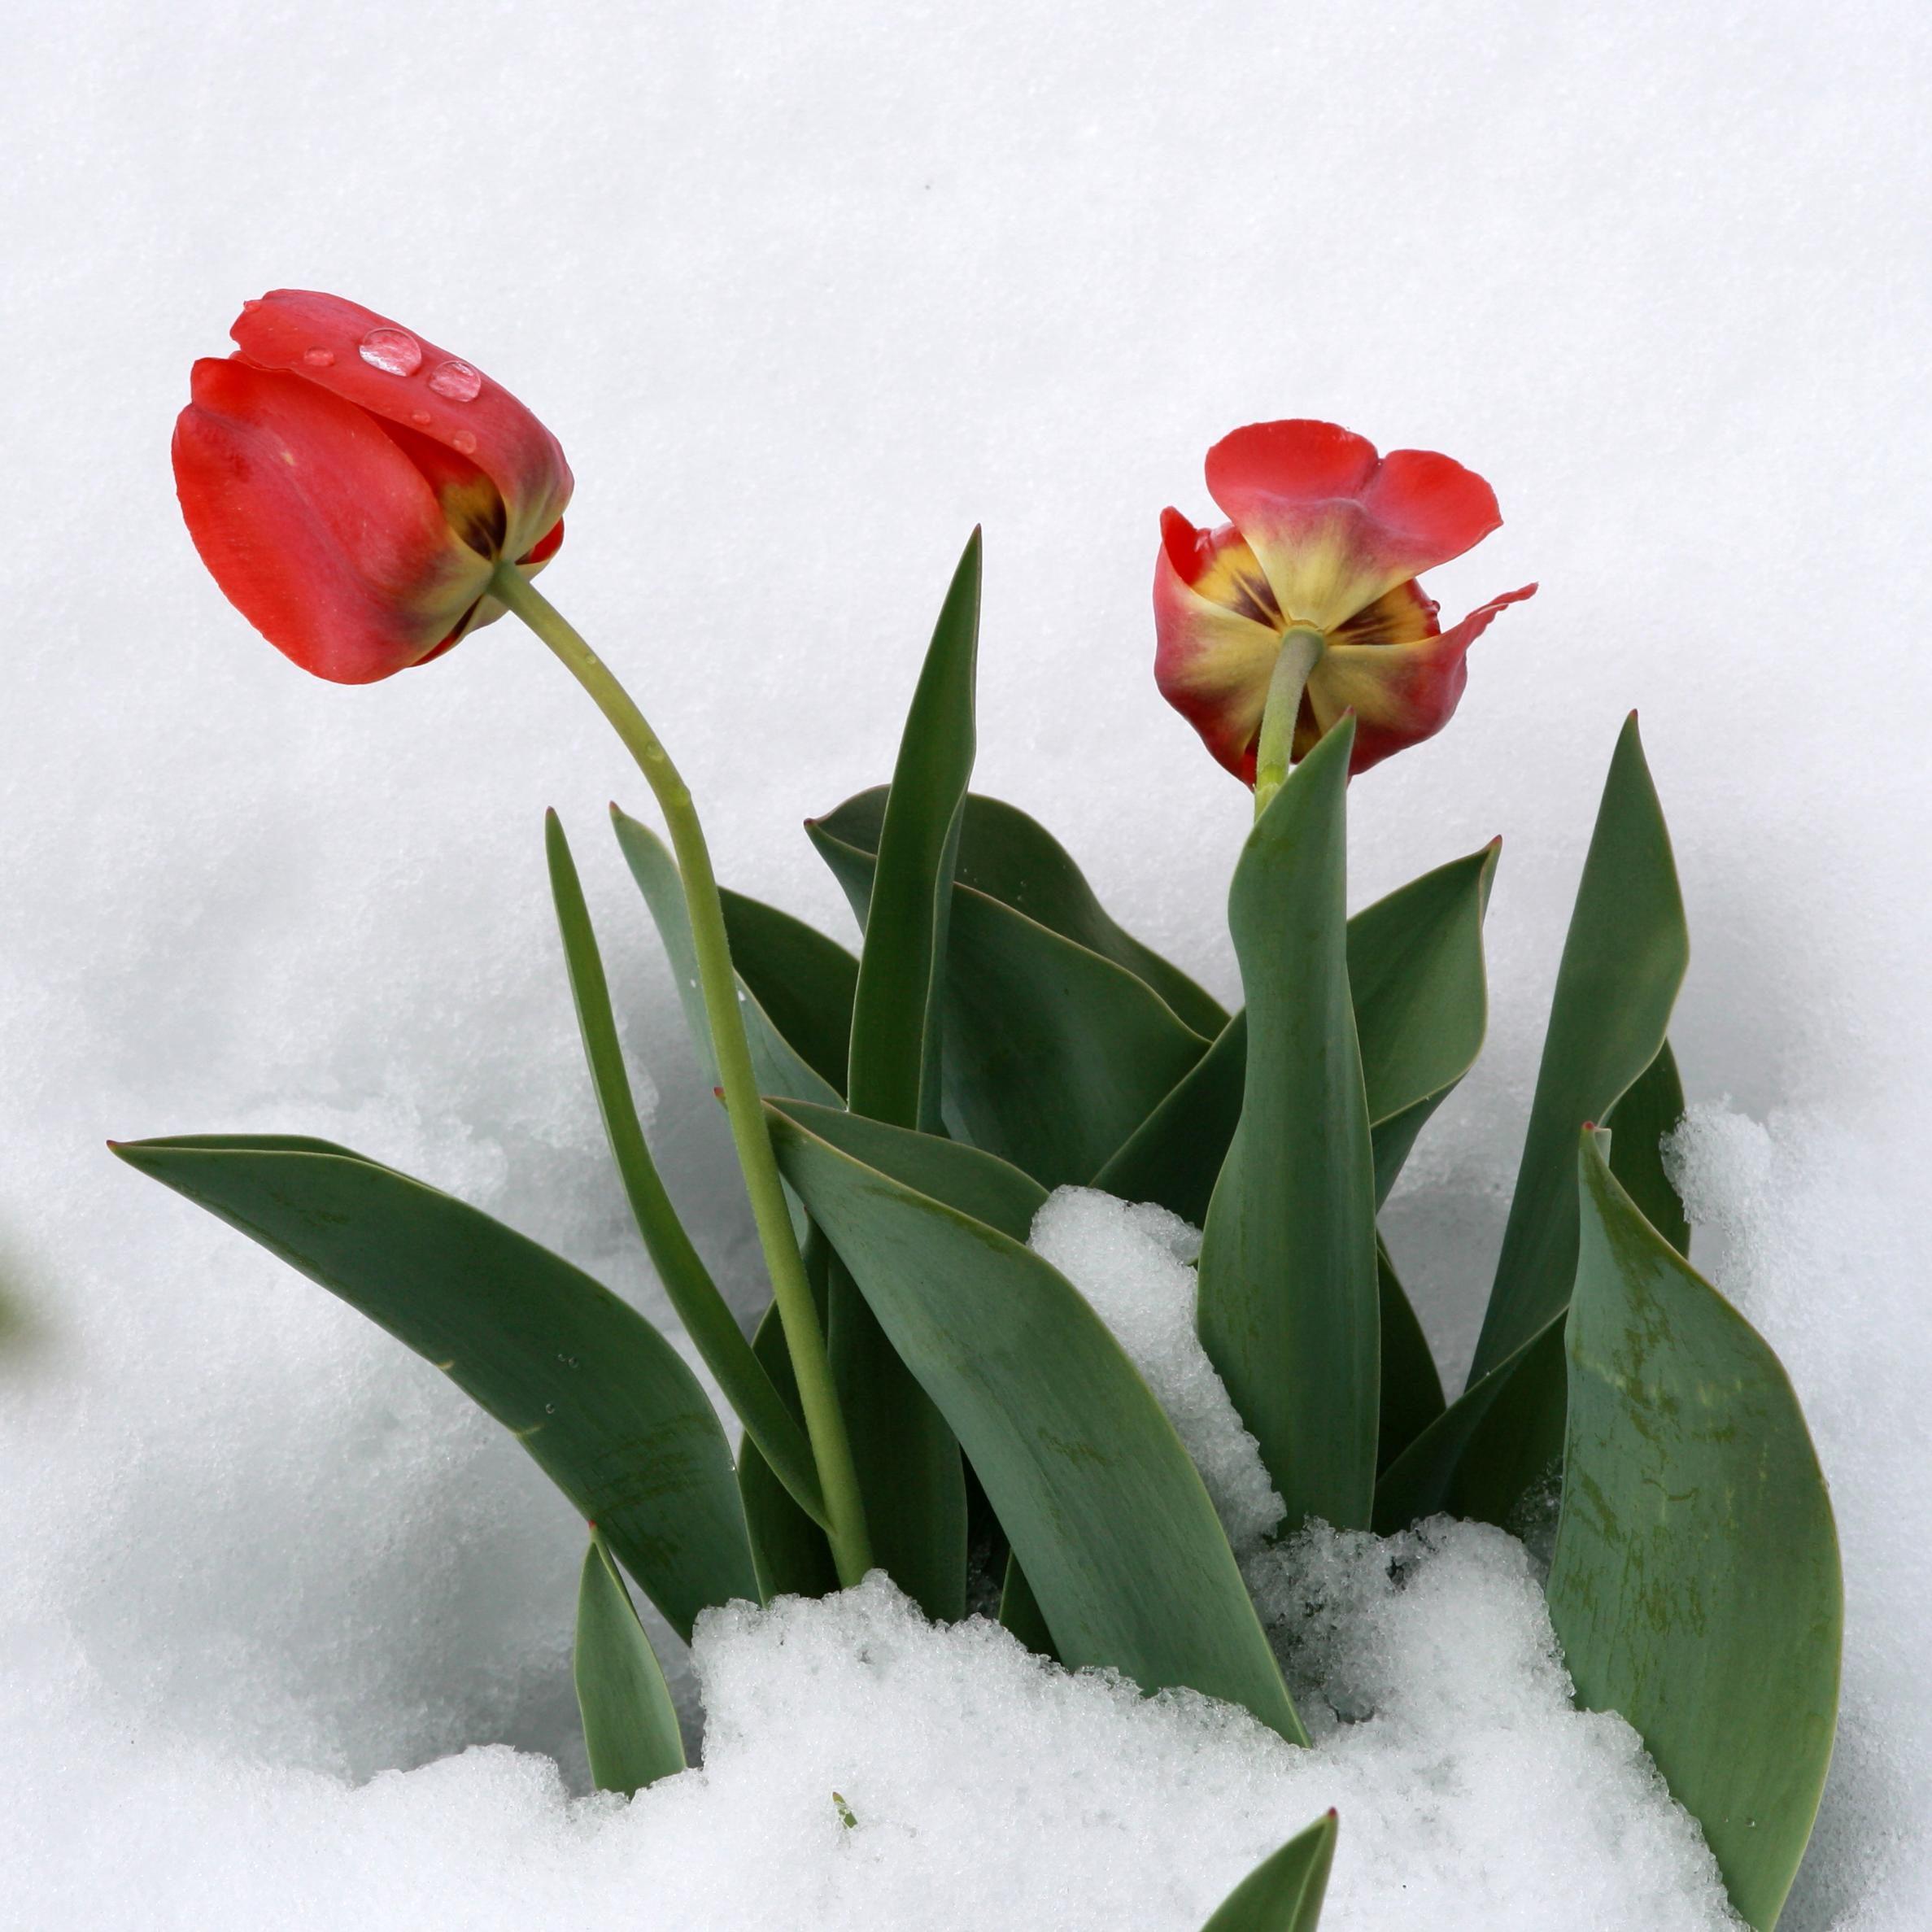 картинки тюльпаны в феврале крайней